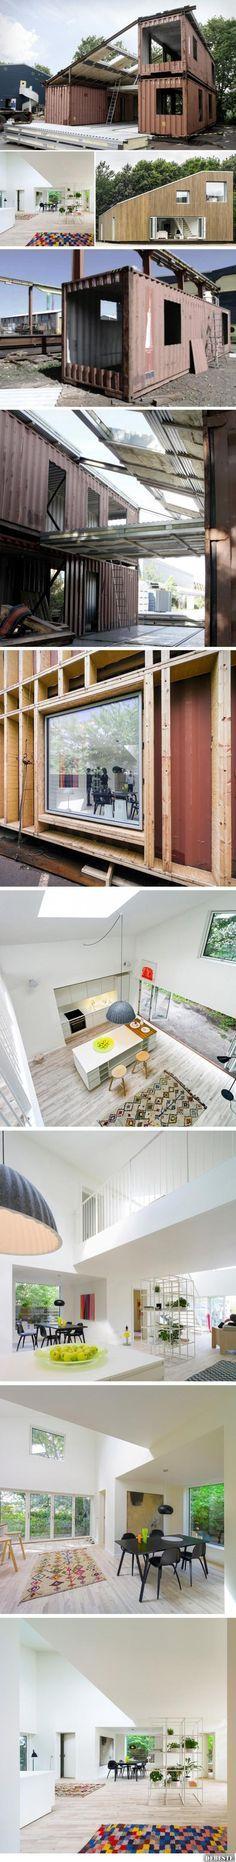 Modernen Container Haus | DEBESTE.de, Lustige Bilder, Sprüche, Witze und Videos